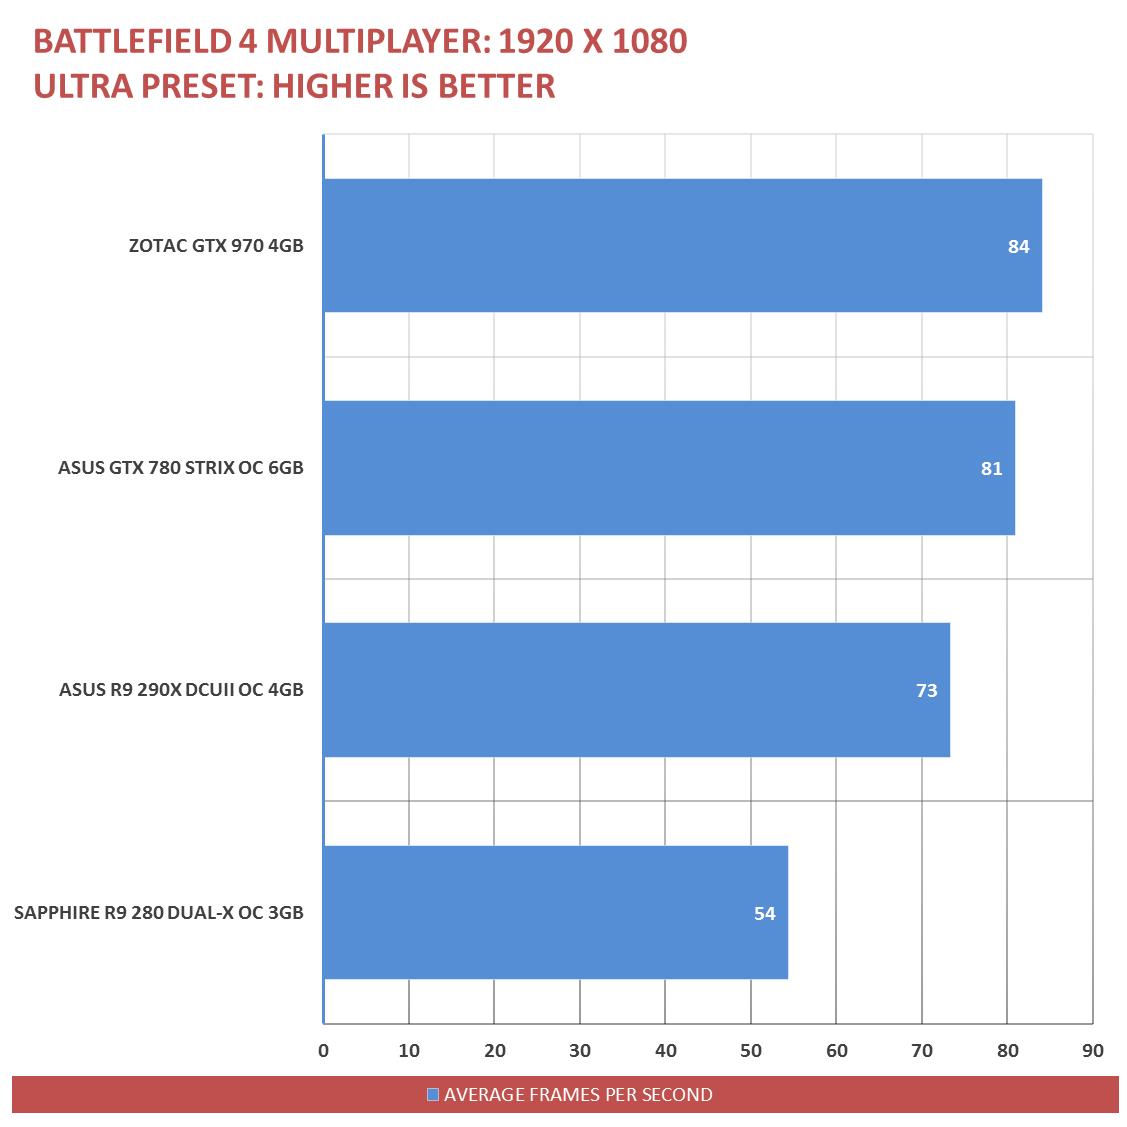 ZOTAC GTX 970 Benchmarks (14)